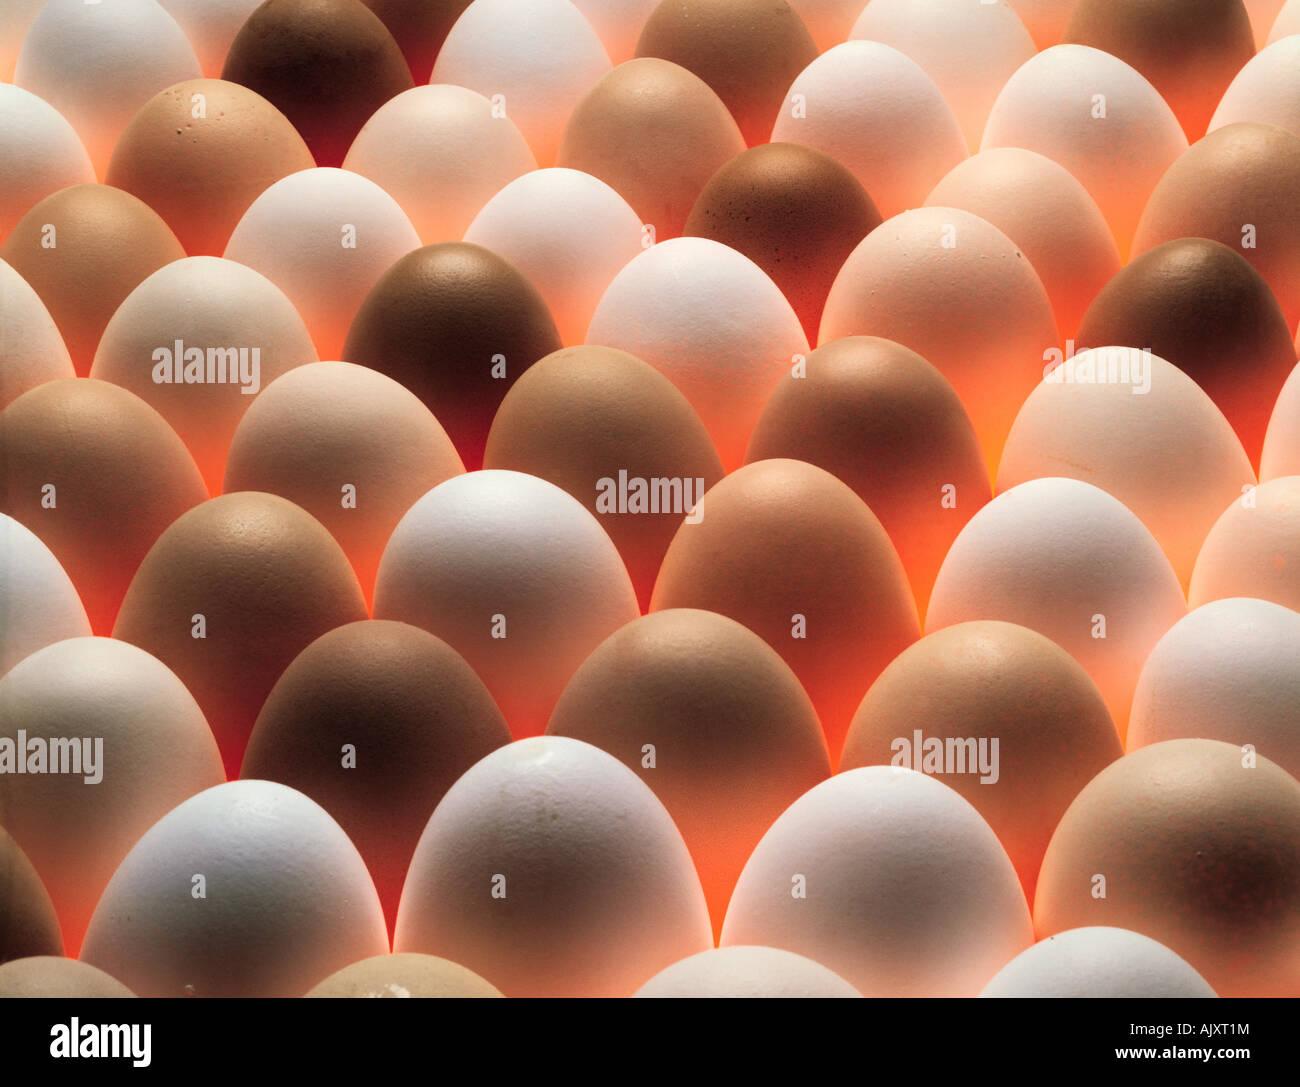 Los alimentos siguen de cerca la vida de los pollos frescos, huevos. Imagen De Stock